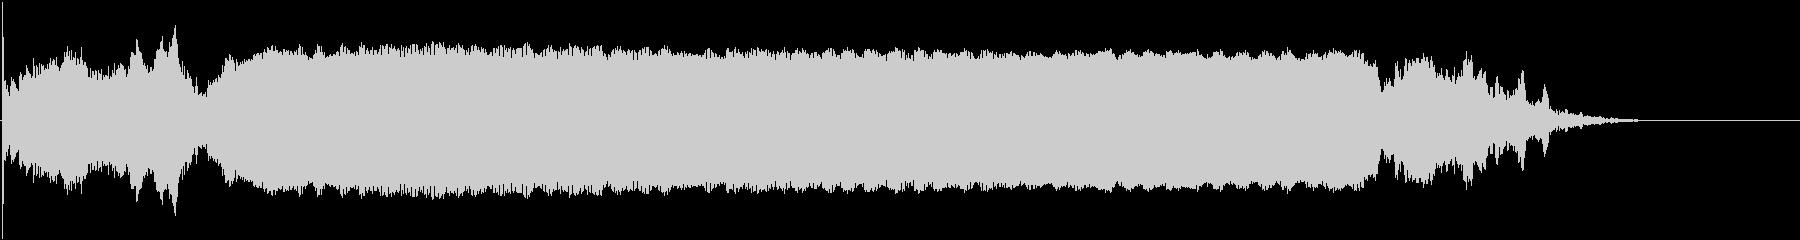 サーボ;フォークリフト、オン/ラン...の未再生の波形